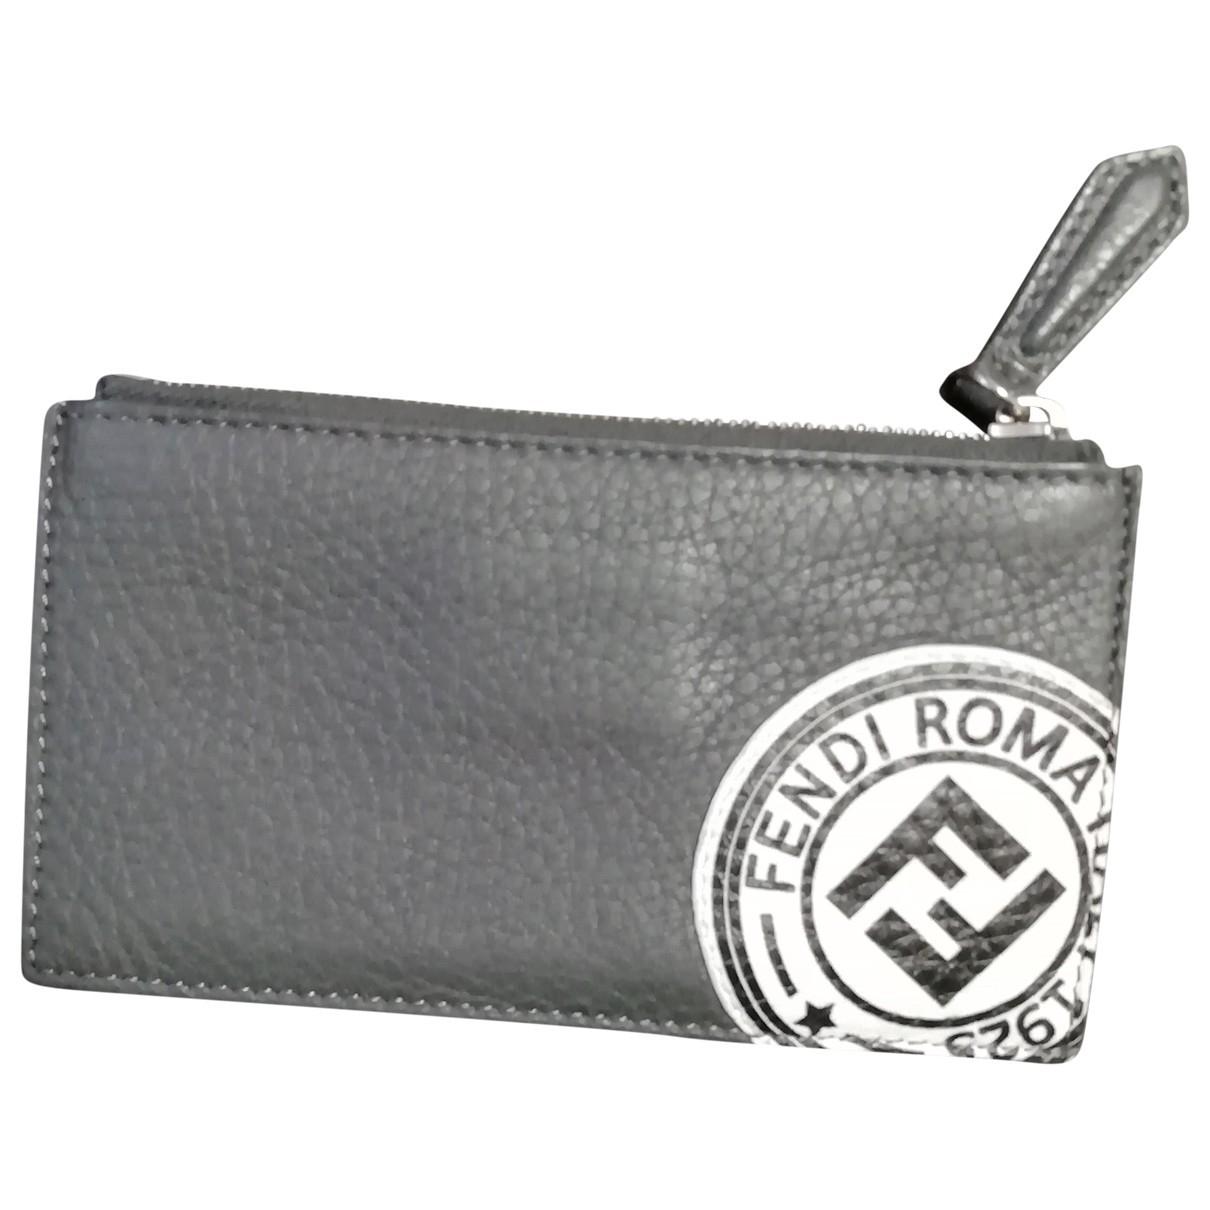 Fendi \N Portemonnaie in  Grau Leder